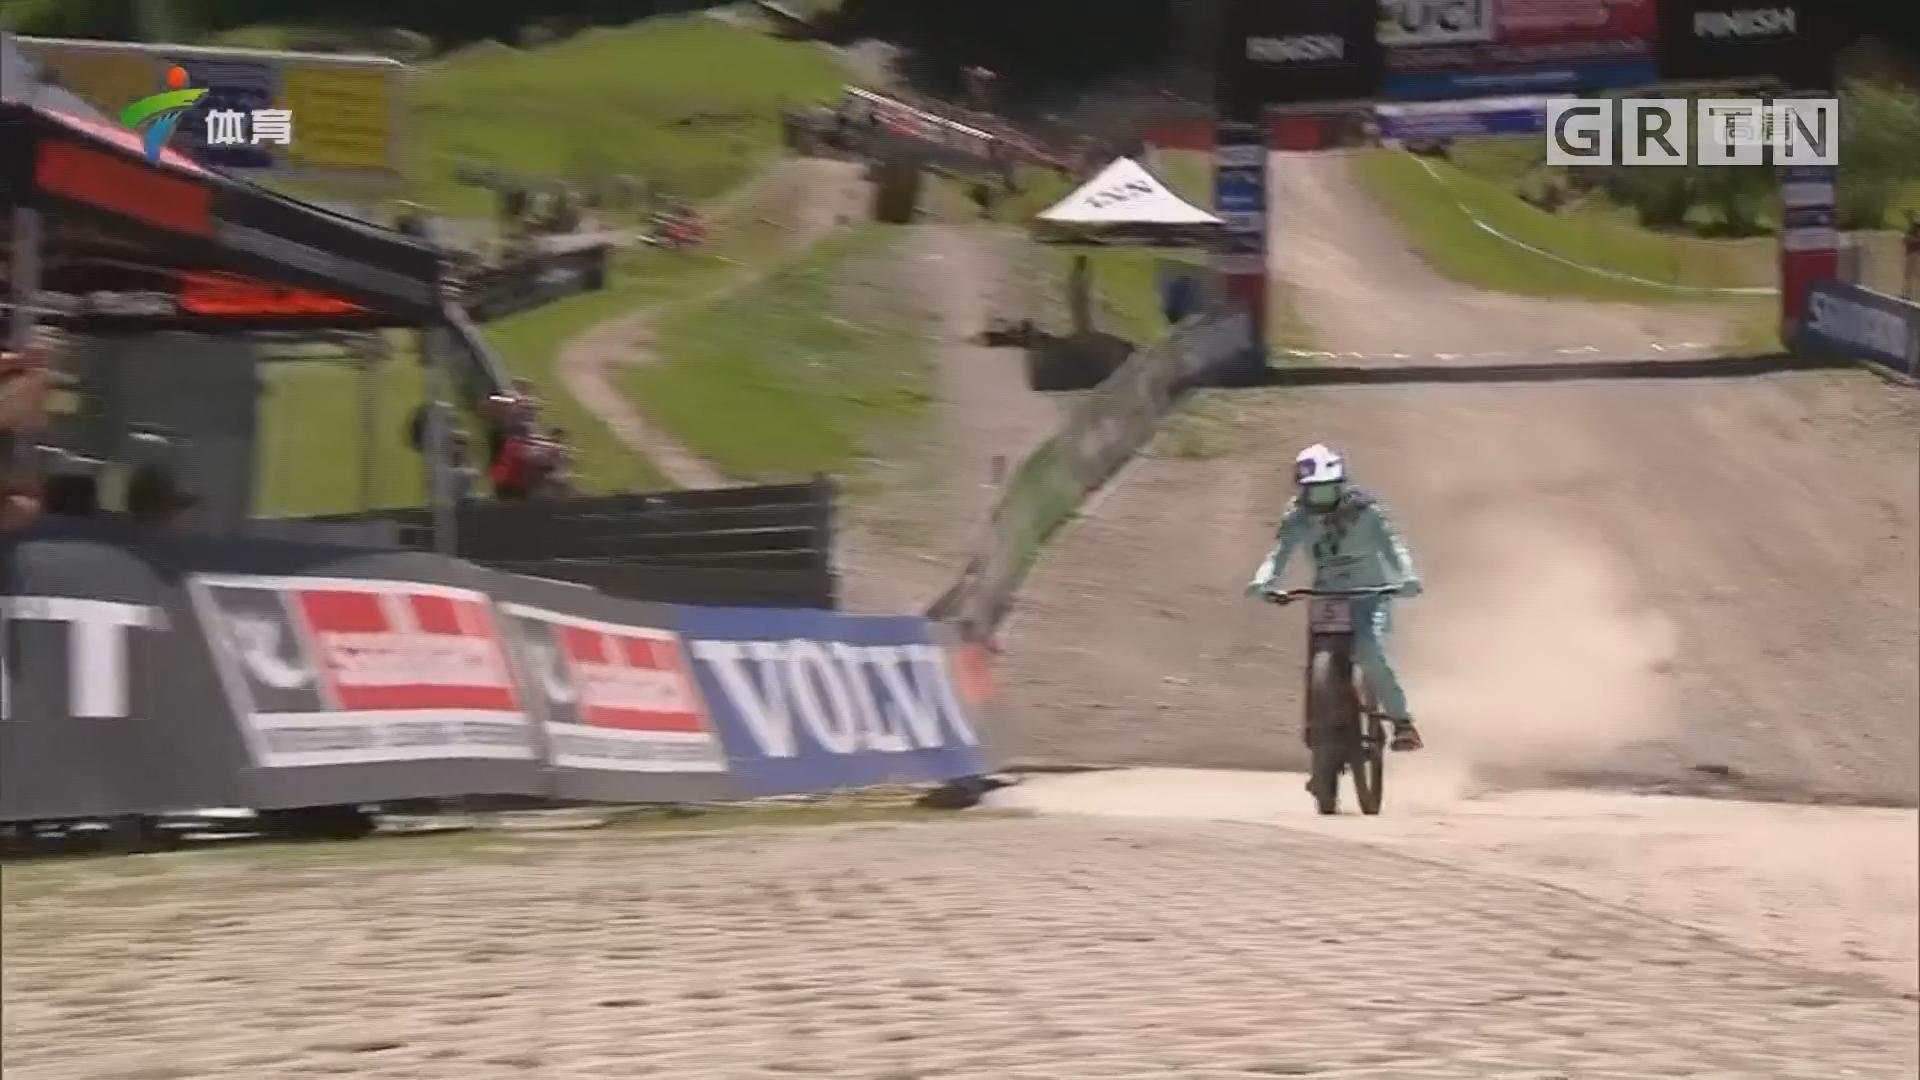 山地自行车世界杯速降赛奥地利站 美国选手格林夺冠